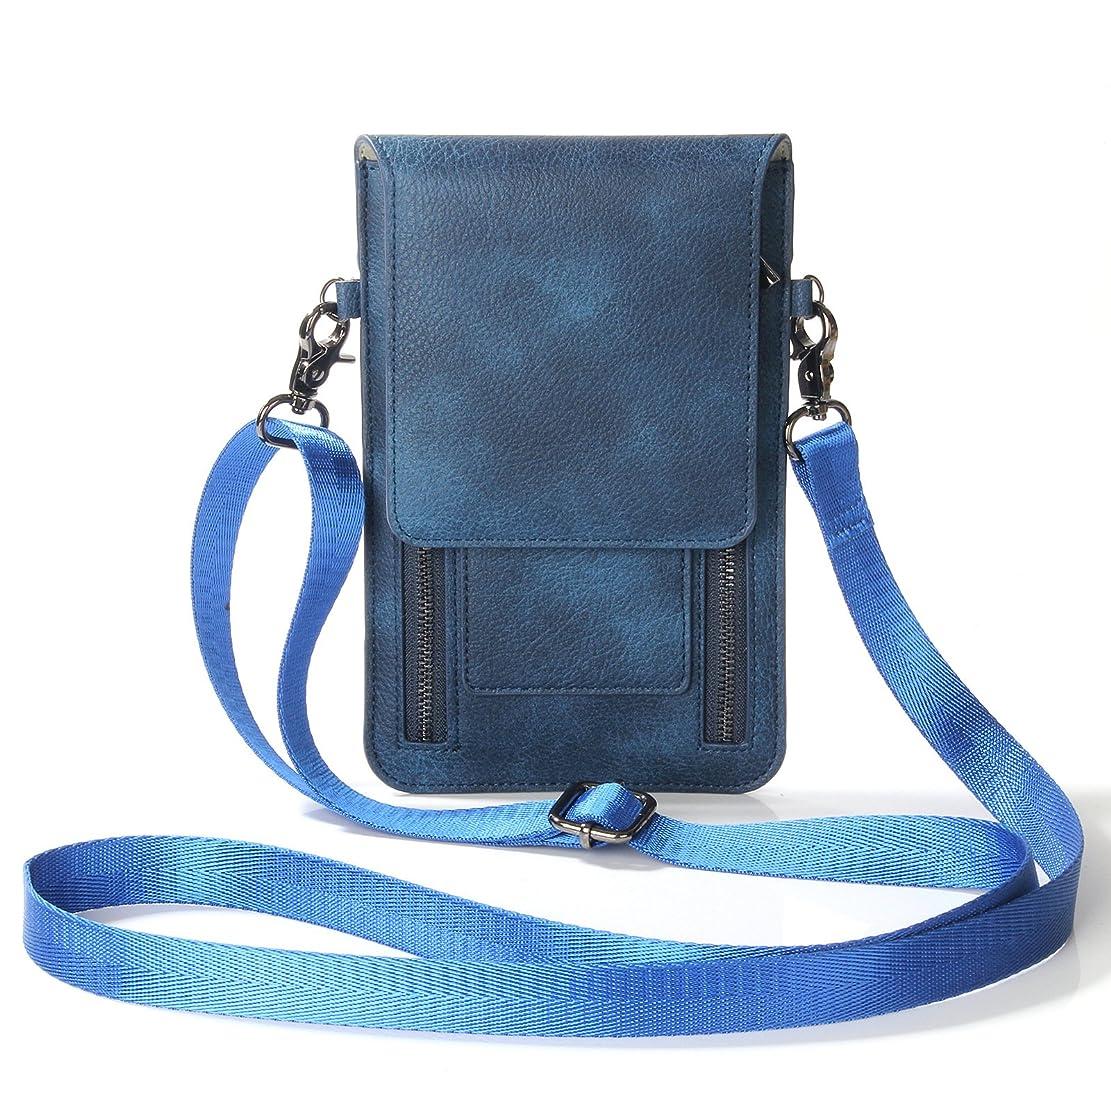 蓄積する依存うんミニ斜め掛けバッグ スマホポーチ elecfanJ ショルダー バッグ レディース 本革調 小物入れ おしゃれ 財布型 スマホカバー カード収納 ストラップ付き 最大6.5インチポシエット(ブルー)